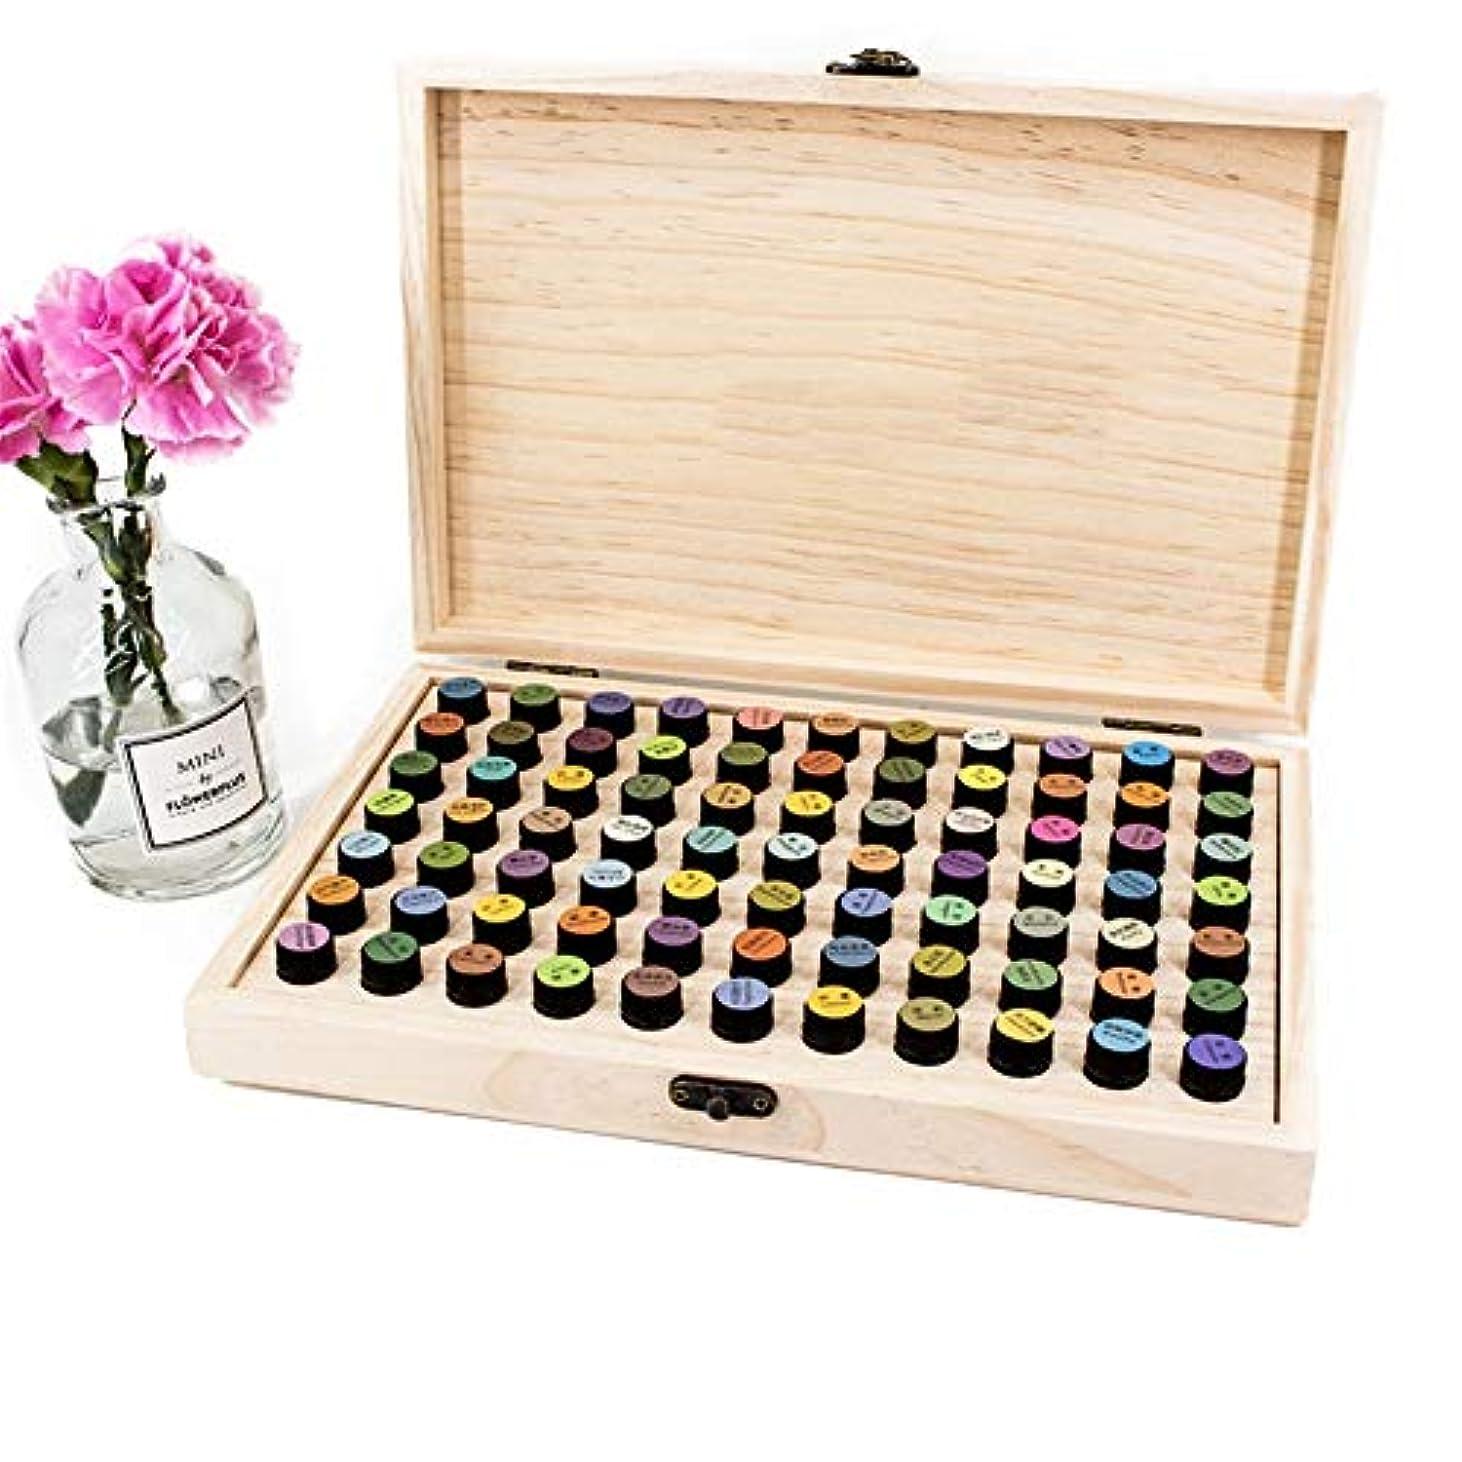 願望肖像画マッシュエッセンシャルオイル収納ボックス 2ディスプレイウッドオイルボックス72個のスロットオーガナイザーを格納するためのバイアルmlの 丈夫で持ち運びが簡単 (色 : Natural, サイズ : 29X19X4CM)